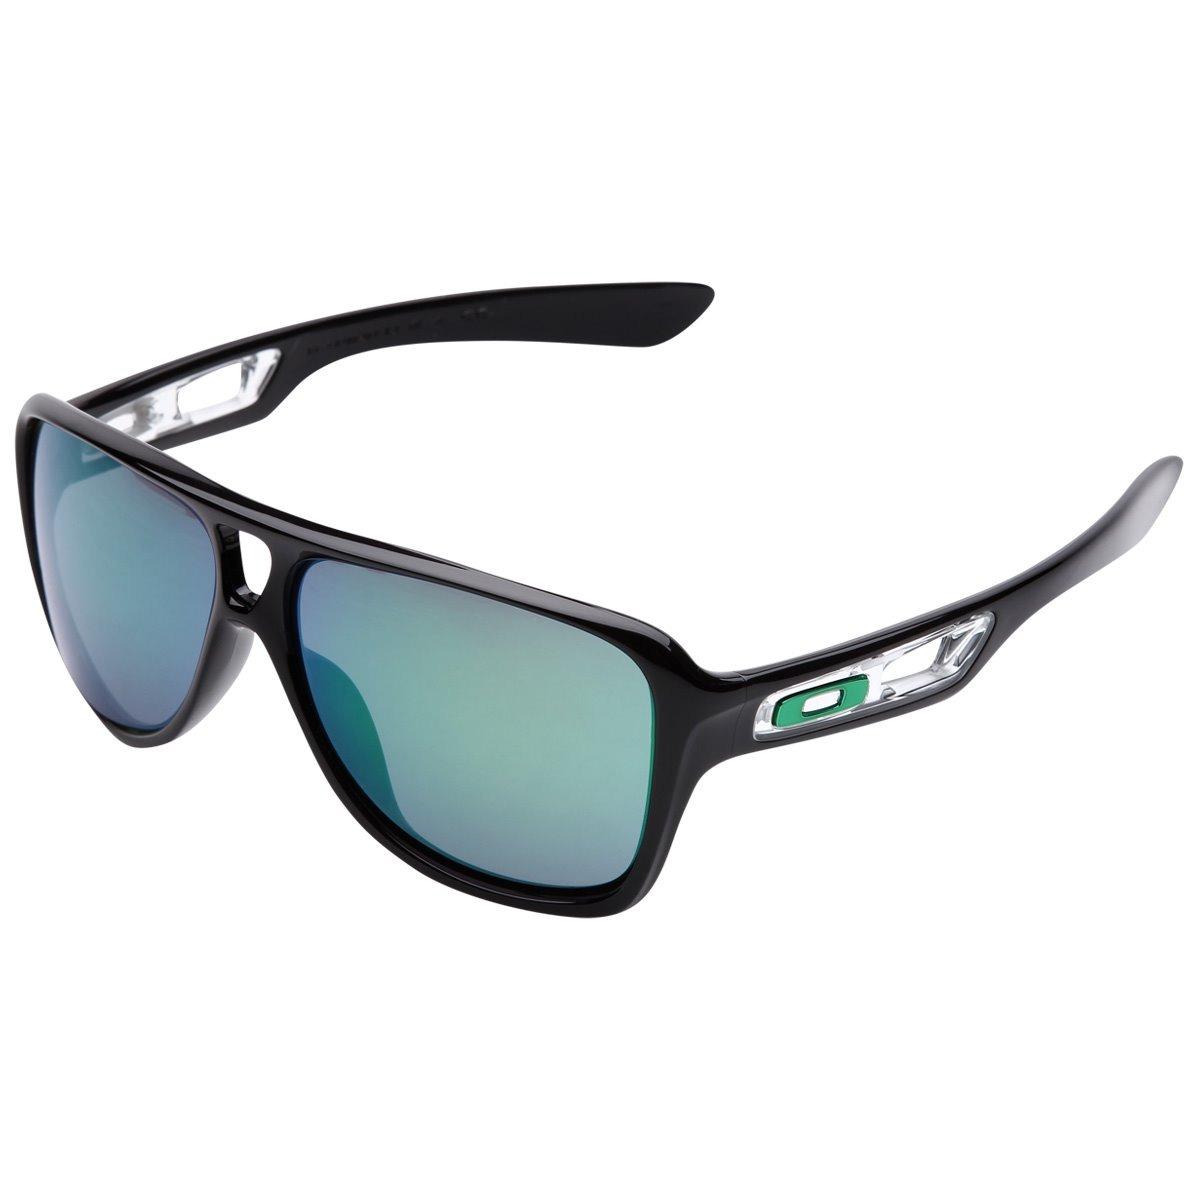 a2aac850aaead óculos oakley dispatch 2 verde espelhado. Carregando zoom.